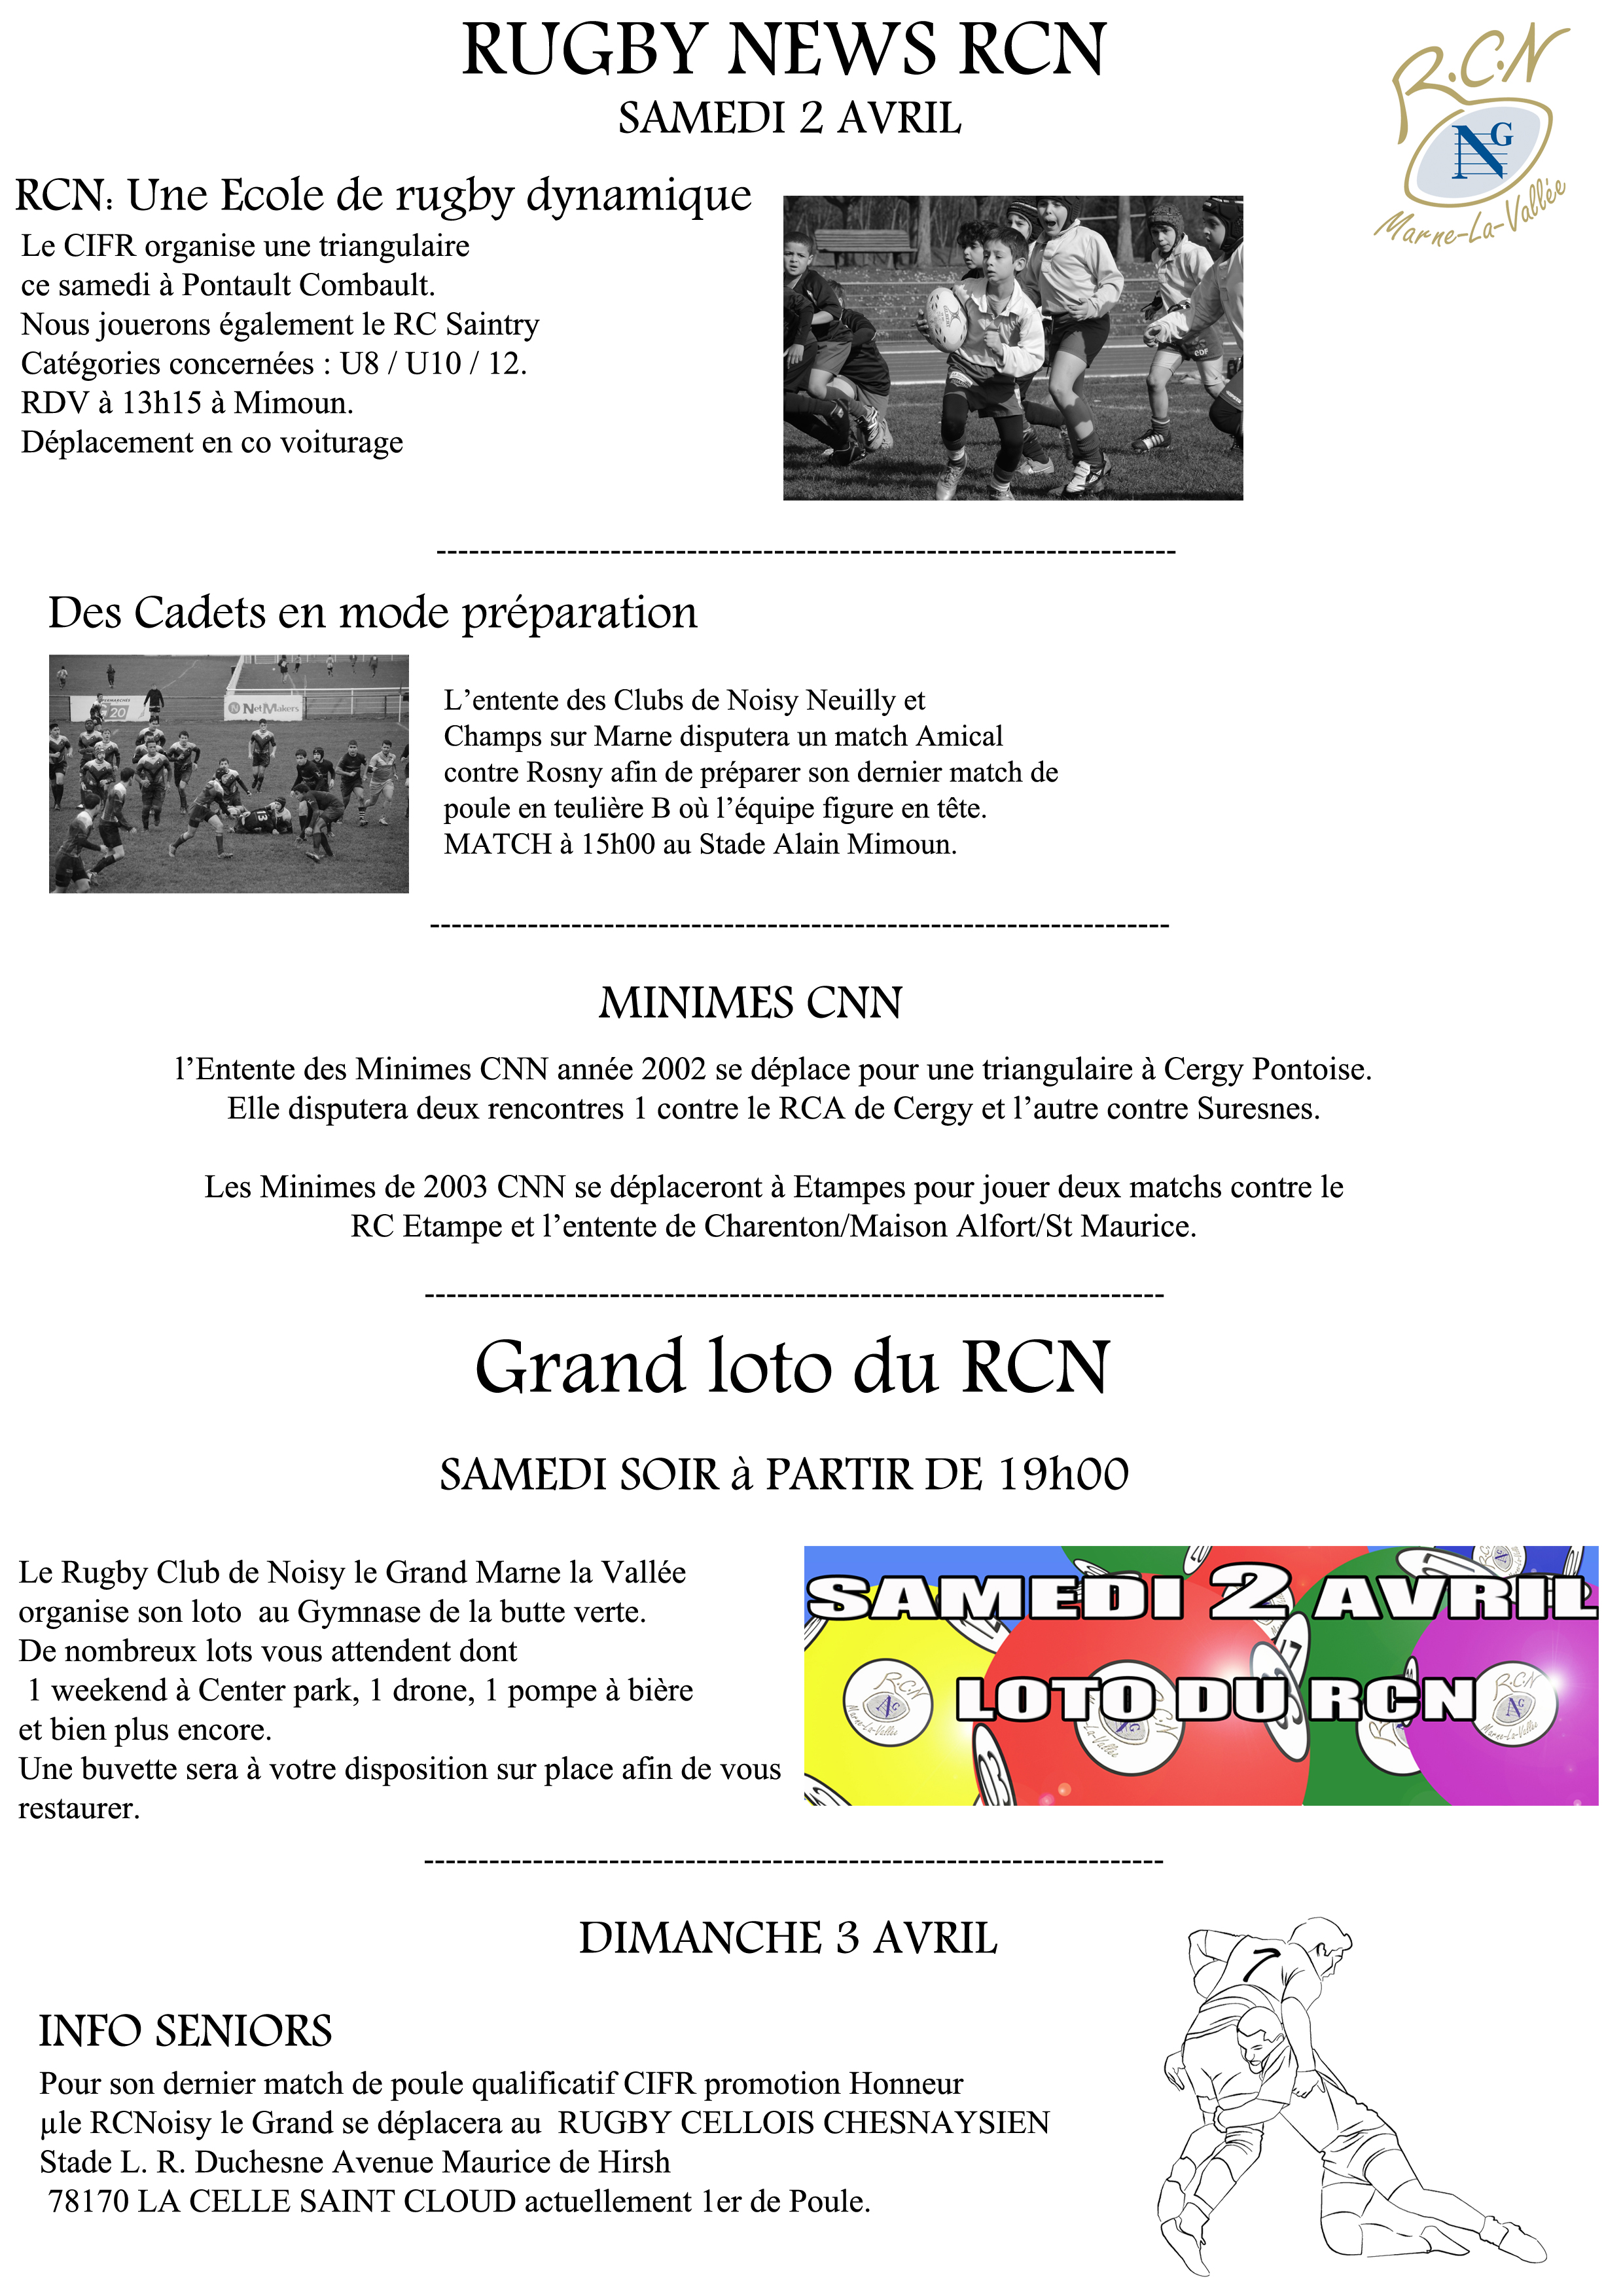 Rencontres séniors dans le 22,29,35,56. GRATUITE votre inscription